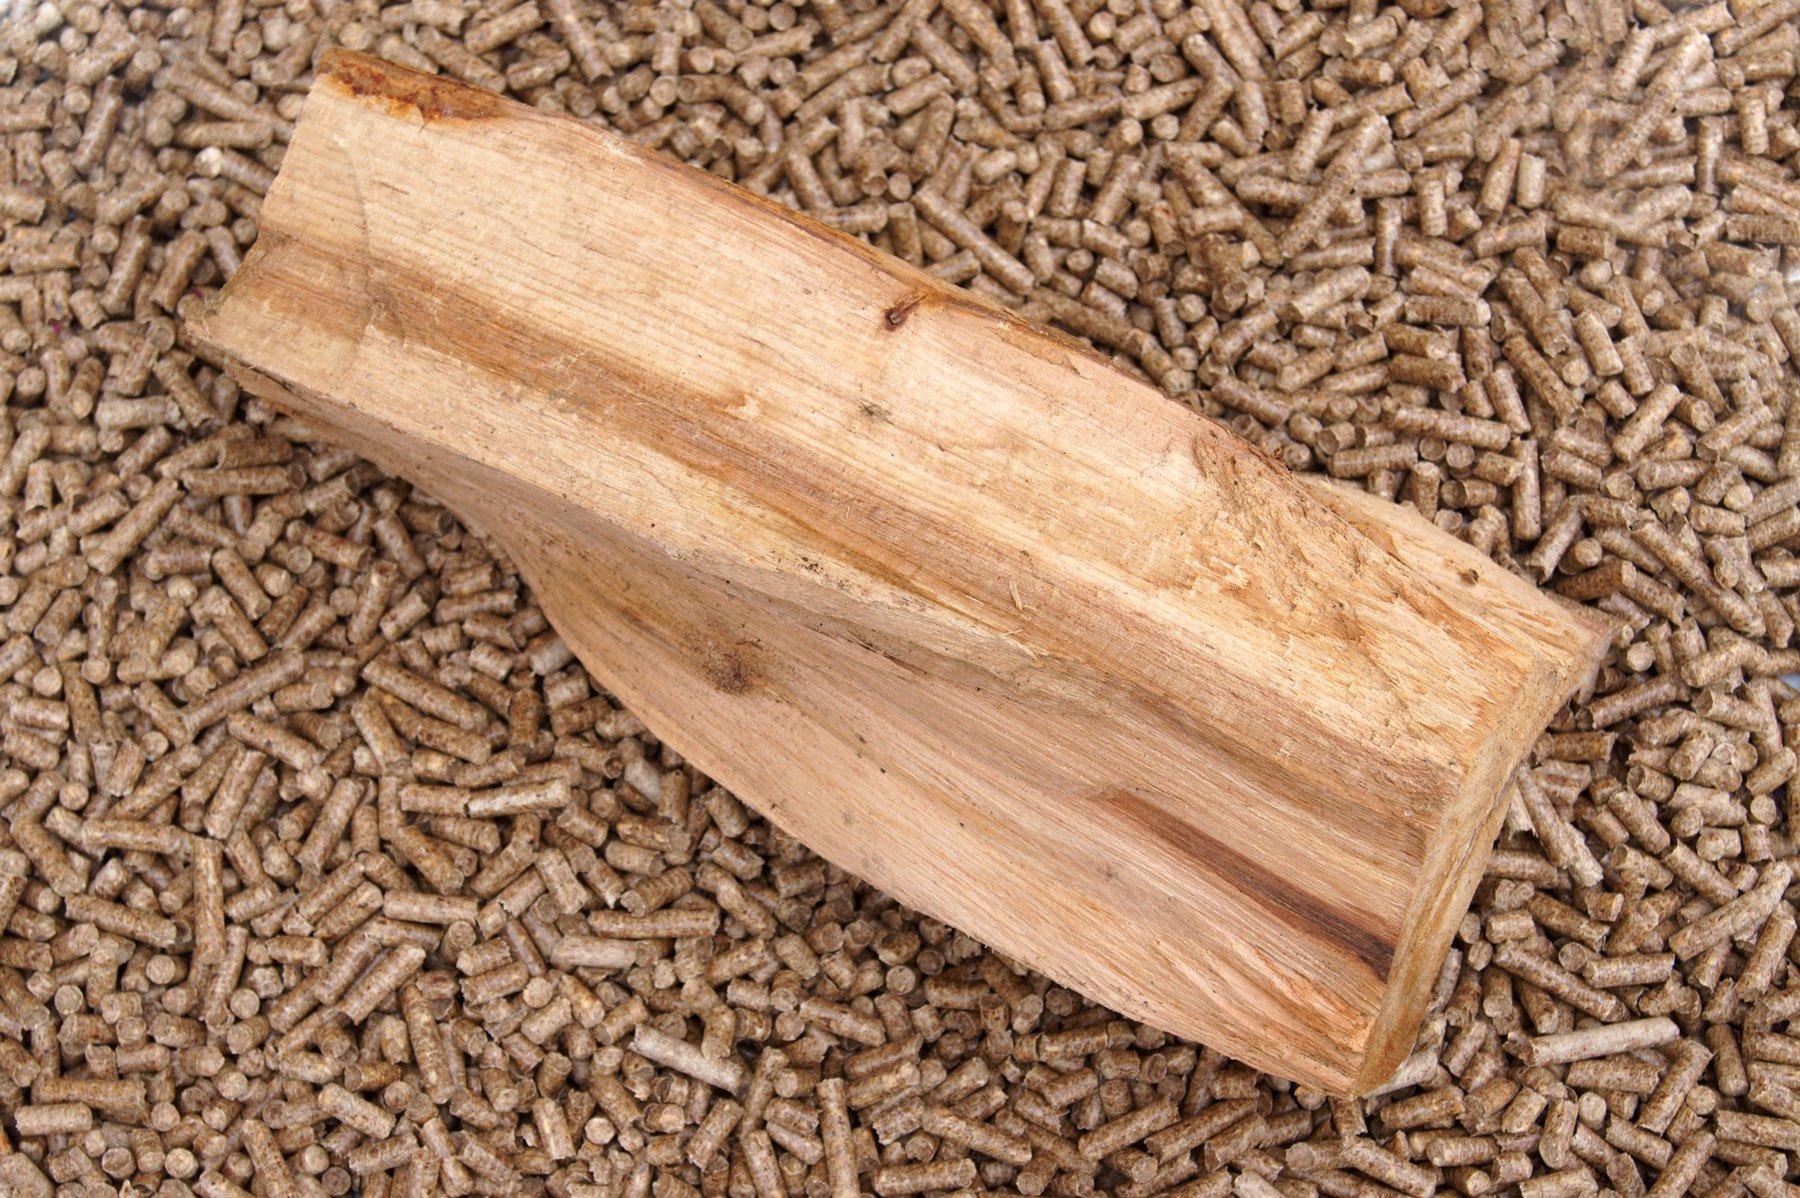 Un ceppo di legno adagiato su del pellet